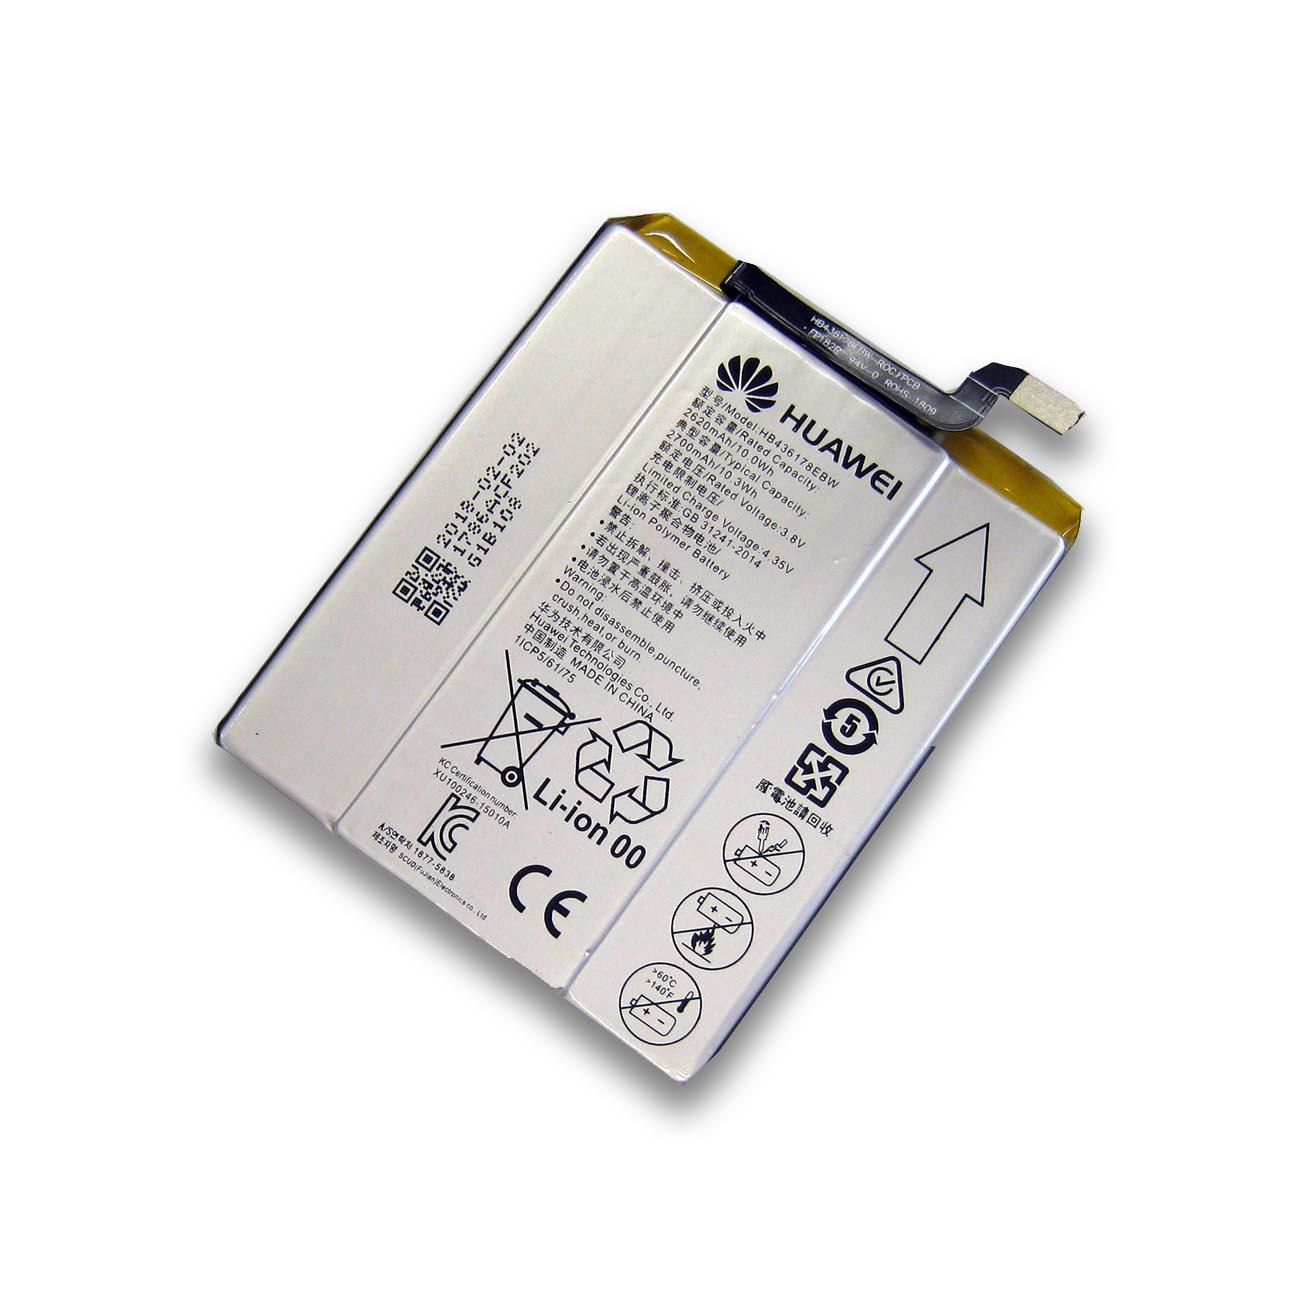 【全国送料無料】HUAWEI ファーウェイ Mate S スマートフォンバッテリー HB436178EBW